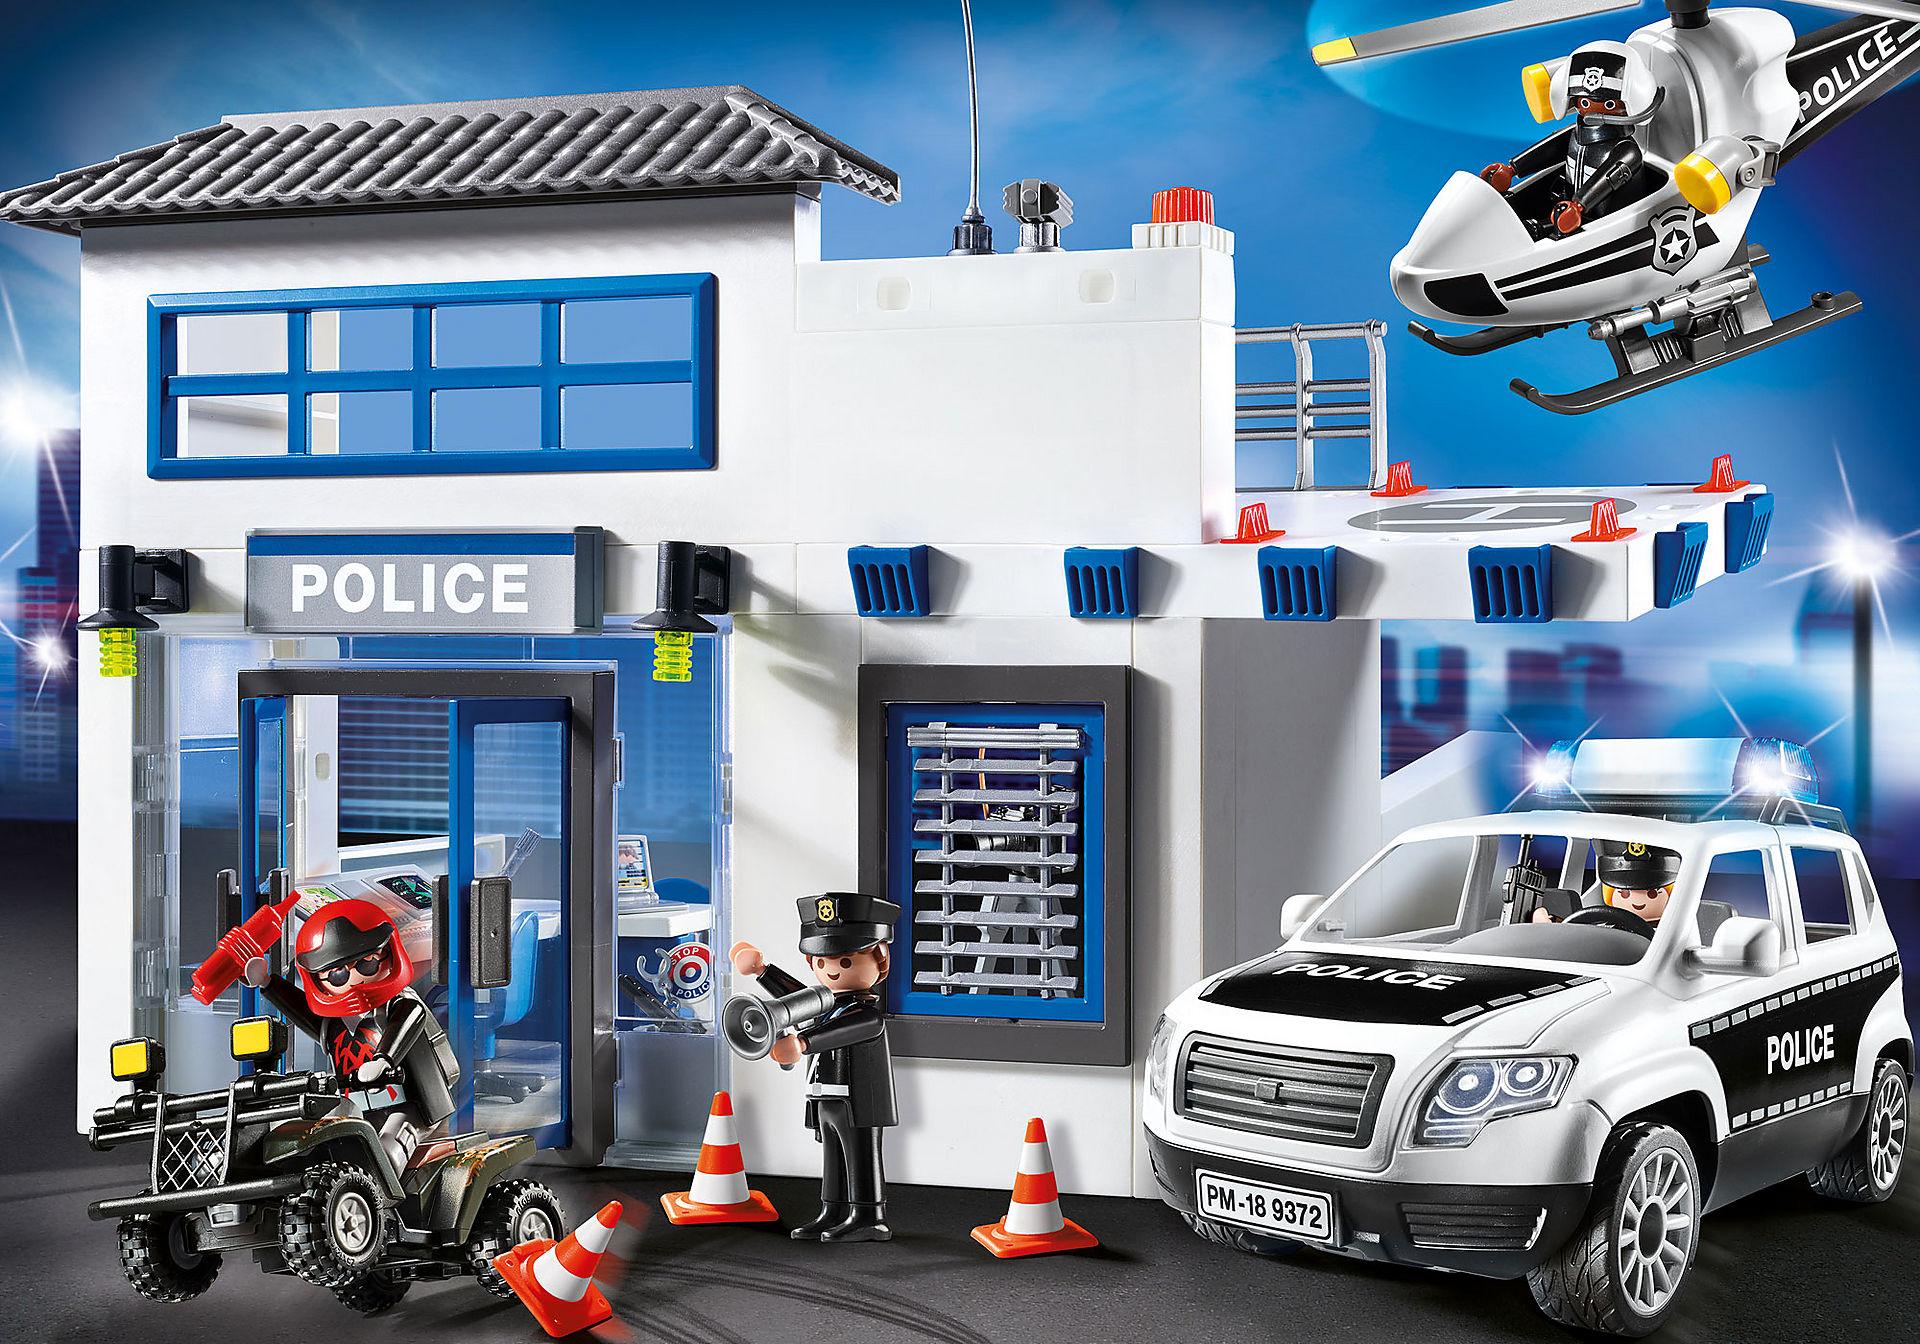 http://media.playmobil.com/i/playmobil/9372_product_detail/Politiepost met voertuigen